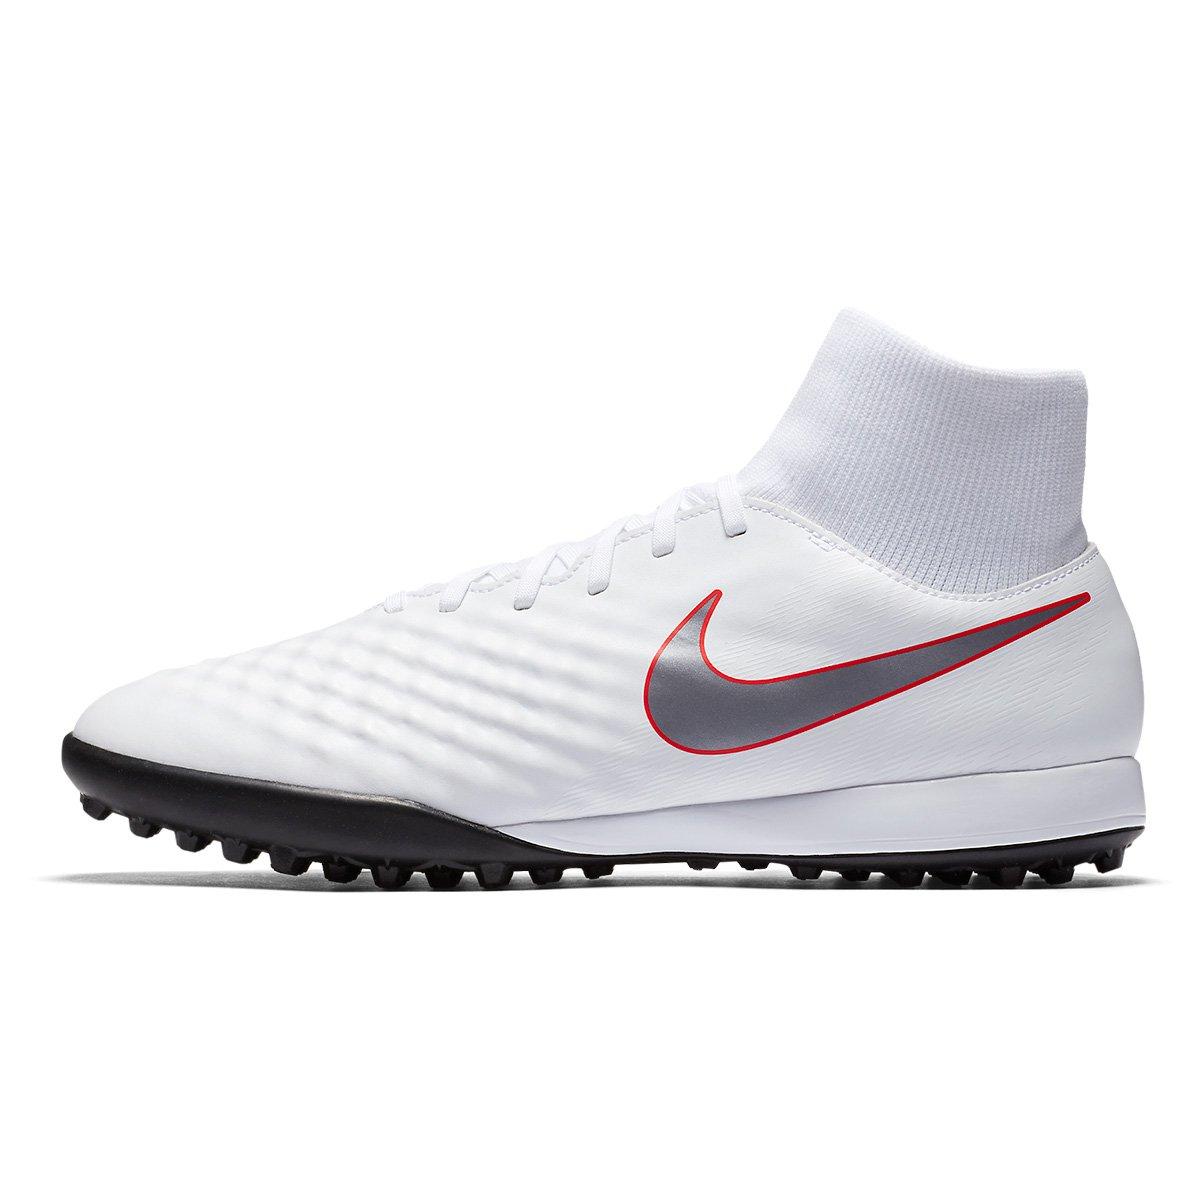 983527063538a Chuteira Society Nike Magista Obra 2 Academy Dinamic Fit - Branco e Cinza |  Allianz Parque Shop